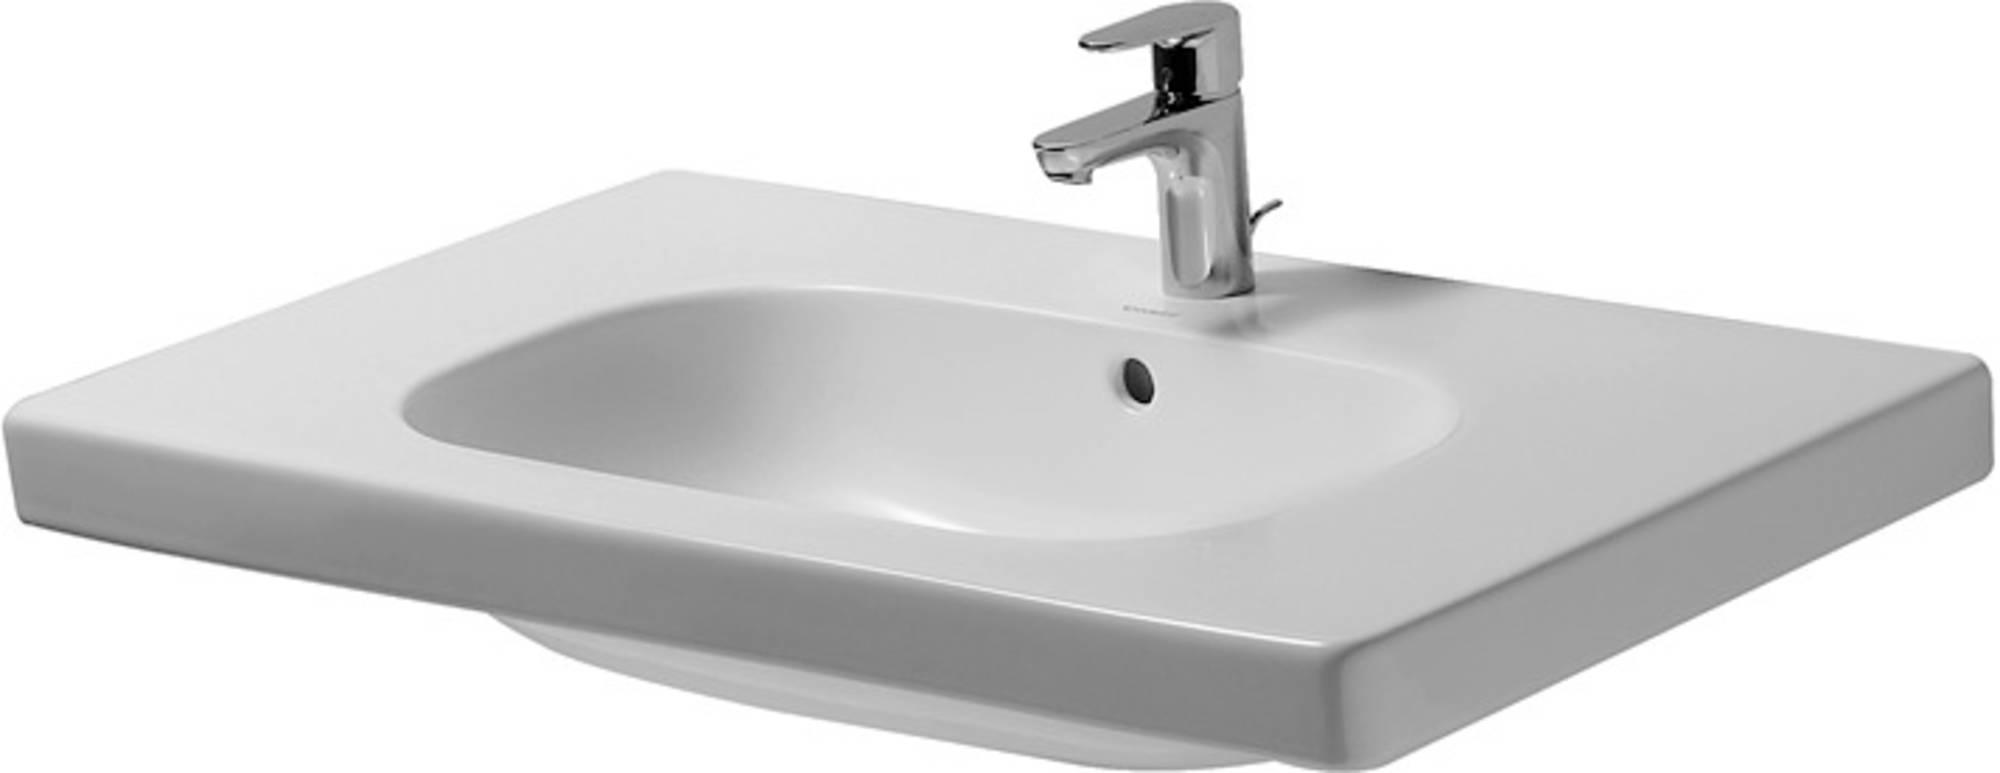 Duravit D-code meubelwastafel 85x48 cm, 1x kr.gat m-overloop, wit